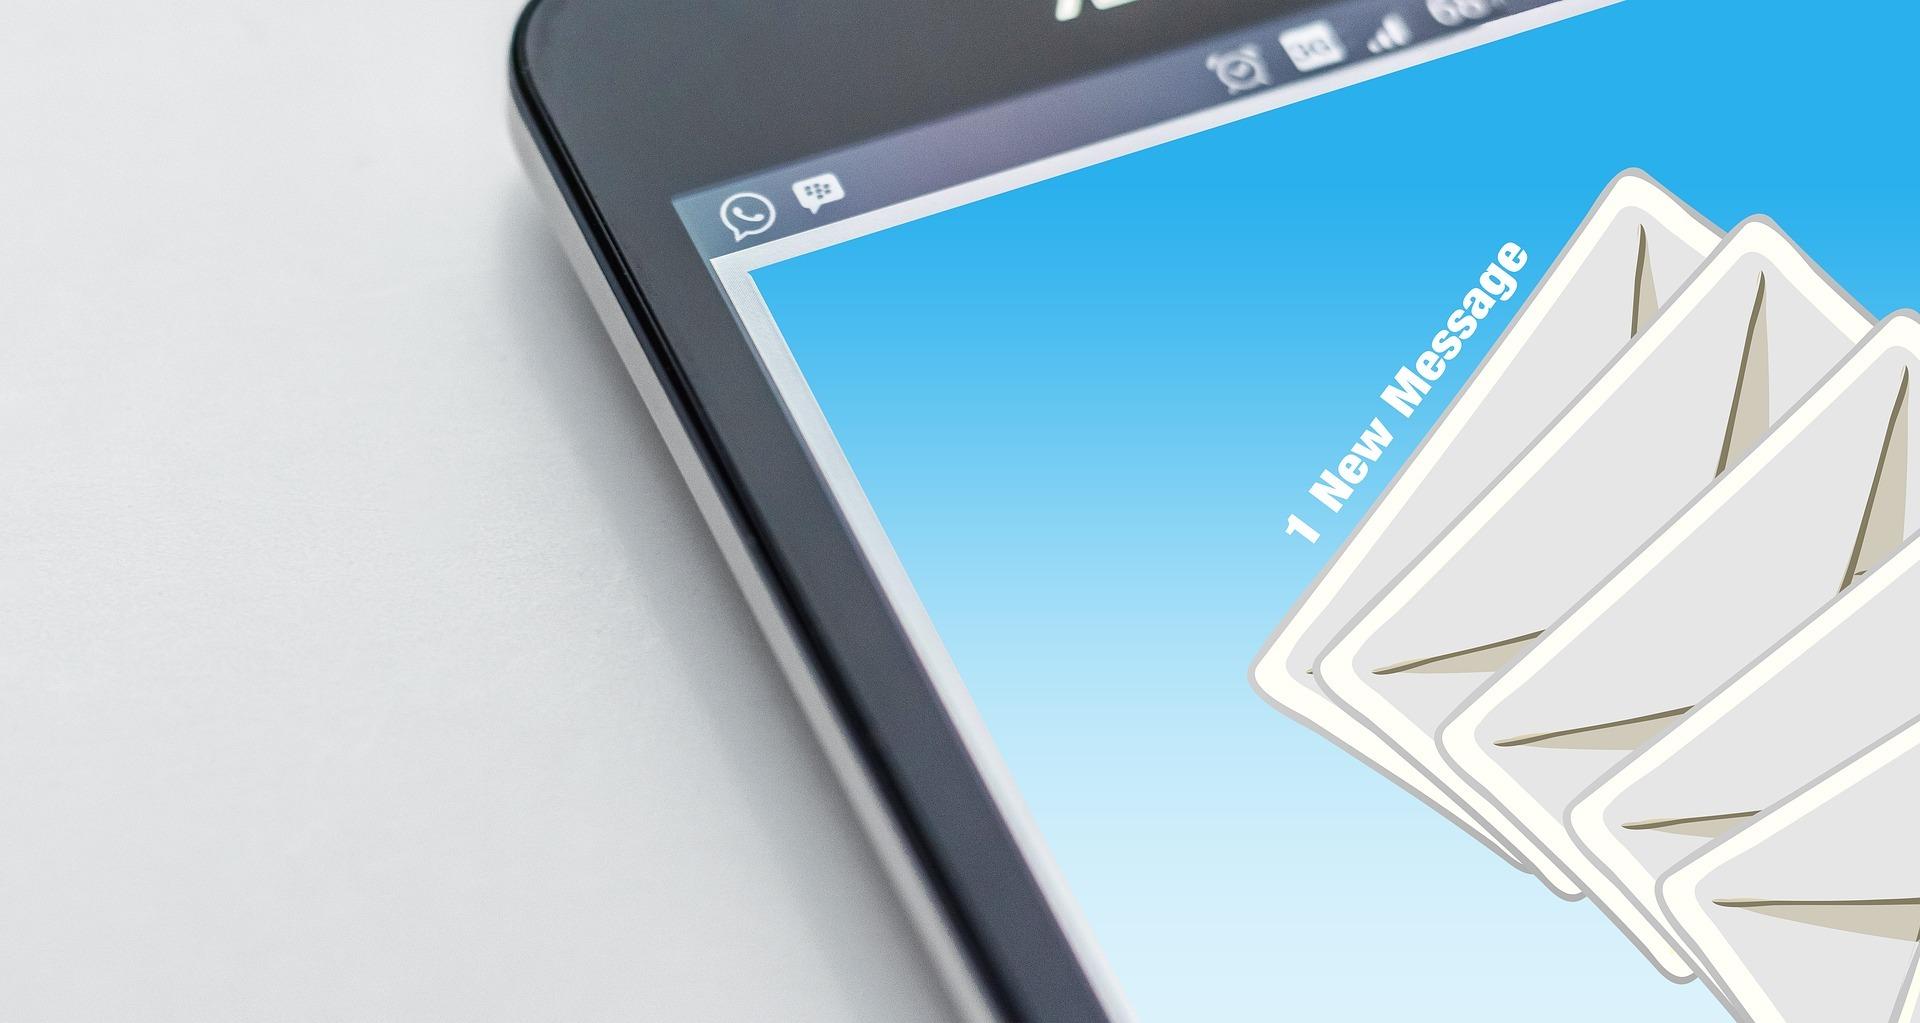 電子報行銷 Email 名單暴增秘訣:優化訂閱視窗 6 大技巧